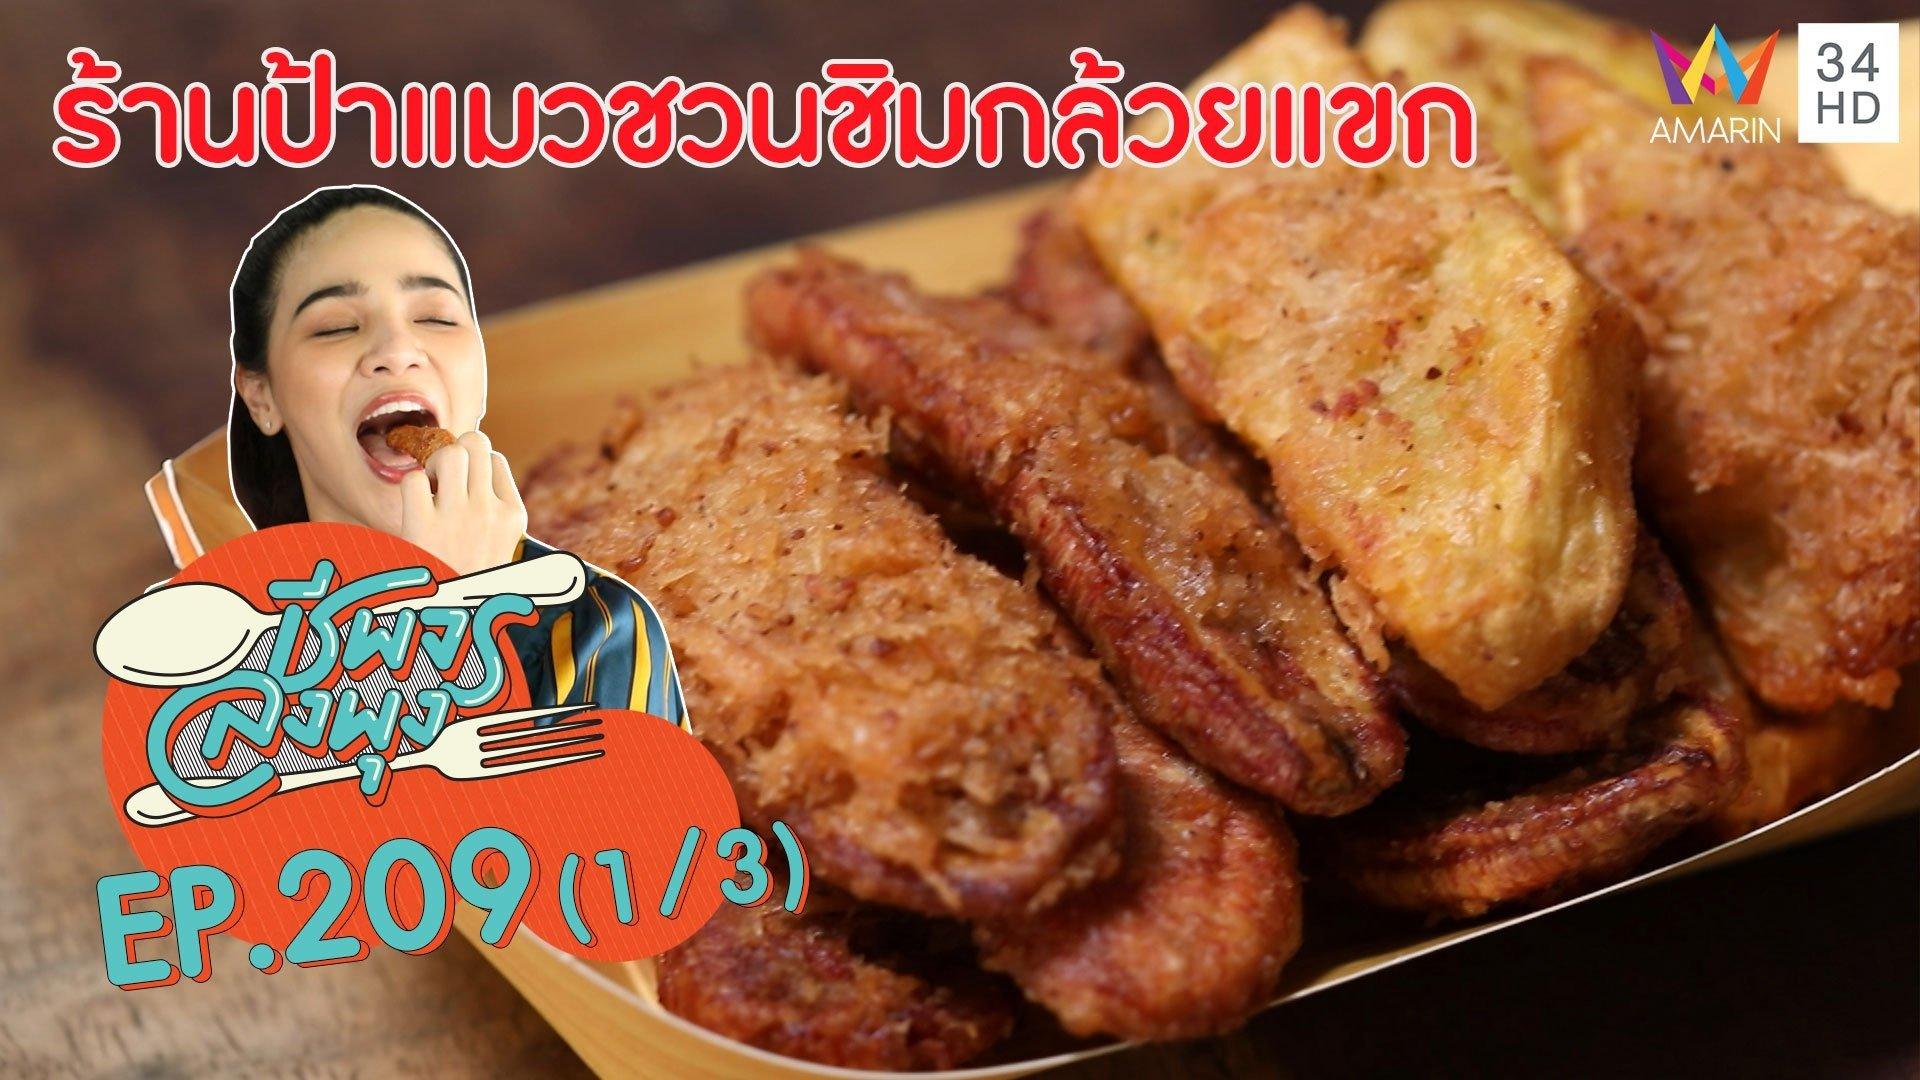 """กล้วยแขกกรุบกรอบอร่อย! @""""ร้านป้าแมวชวนชิมกล้วยแขก""""   ชีพจรลงพุง   28 มี.ค. 63 (1/3)   AMARIN TVHD34"""